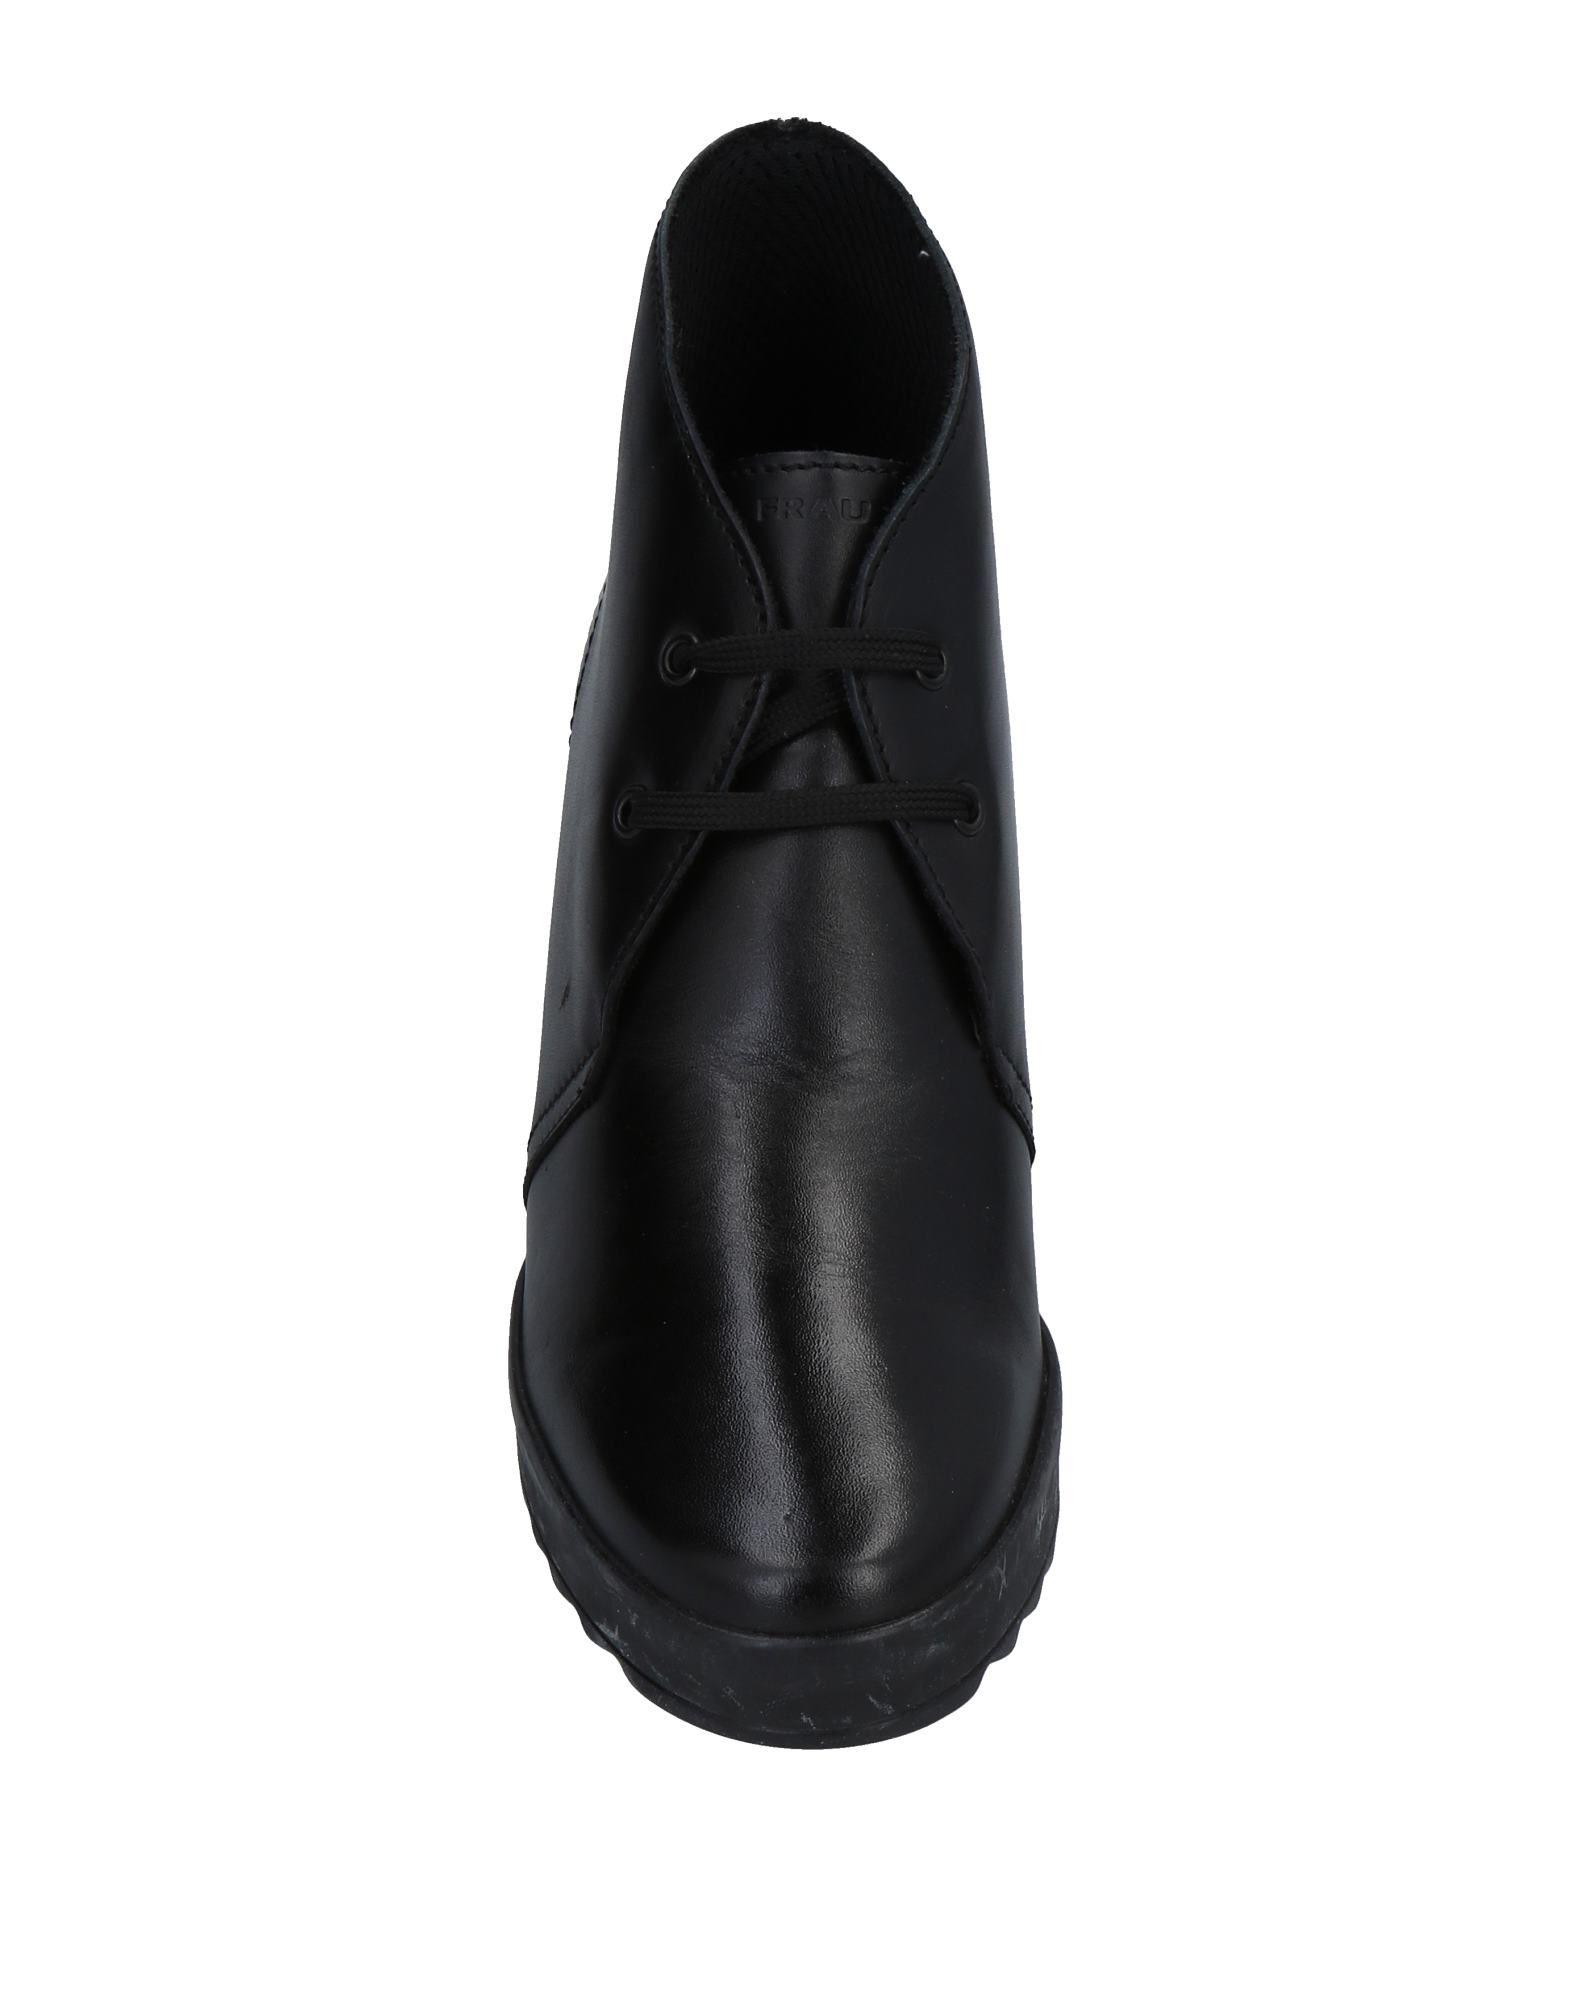 Frau Schnürschuhe Damen Damen Damen  11480462FF Gute Qualität beliebte Schuhe 8d83de